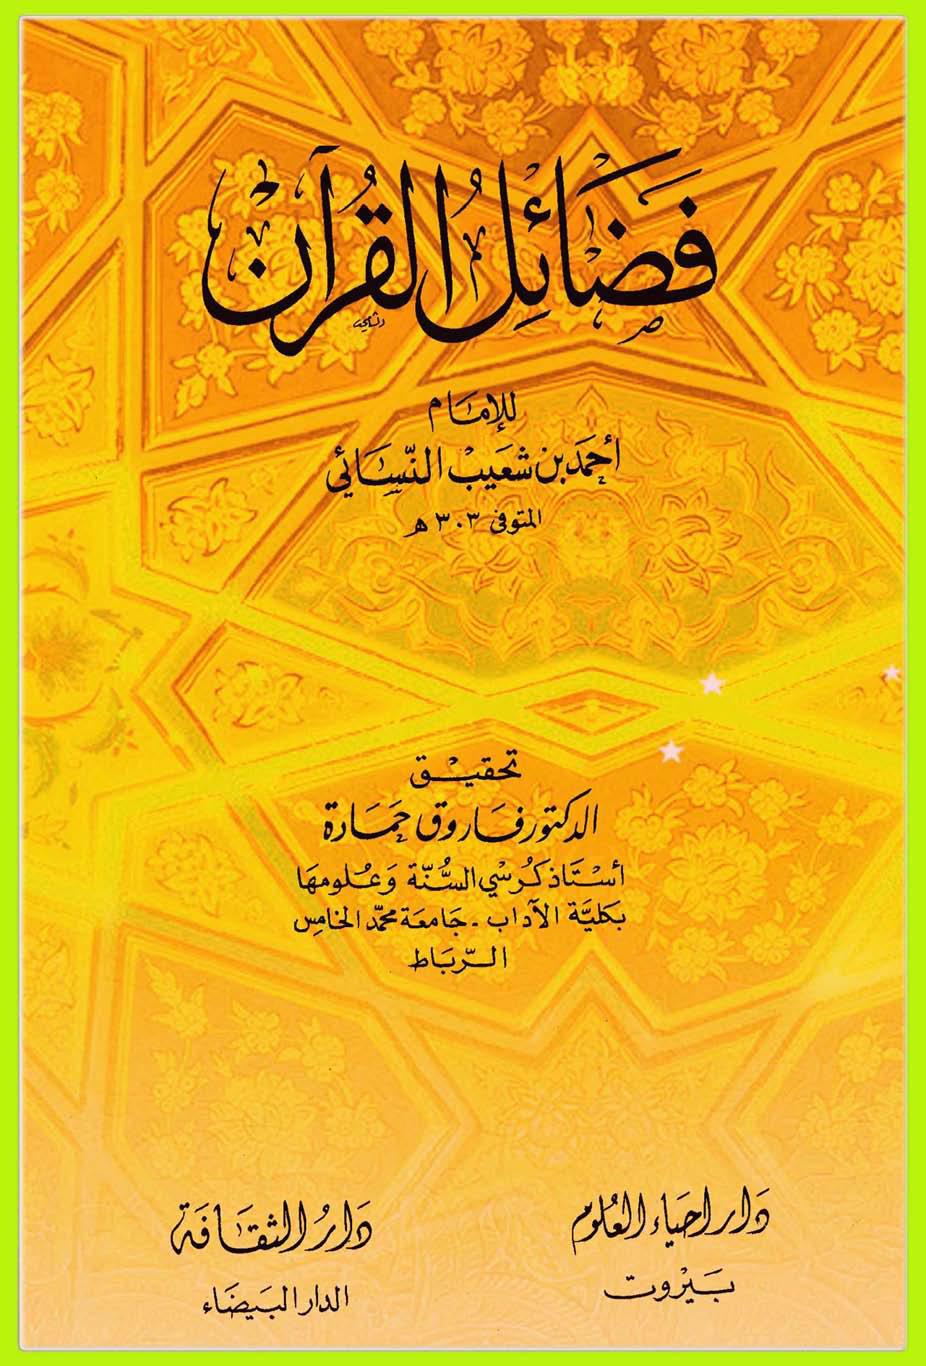 تحميل كتاب فضائل القرآن (النسائي) لـِ: أحمد بن شعيب النسائي